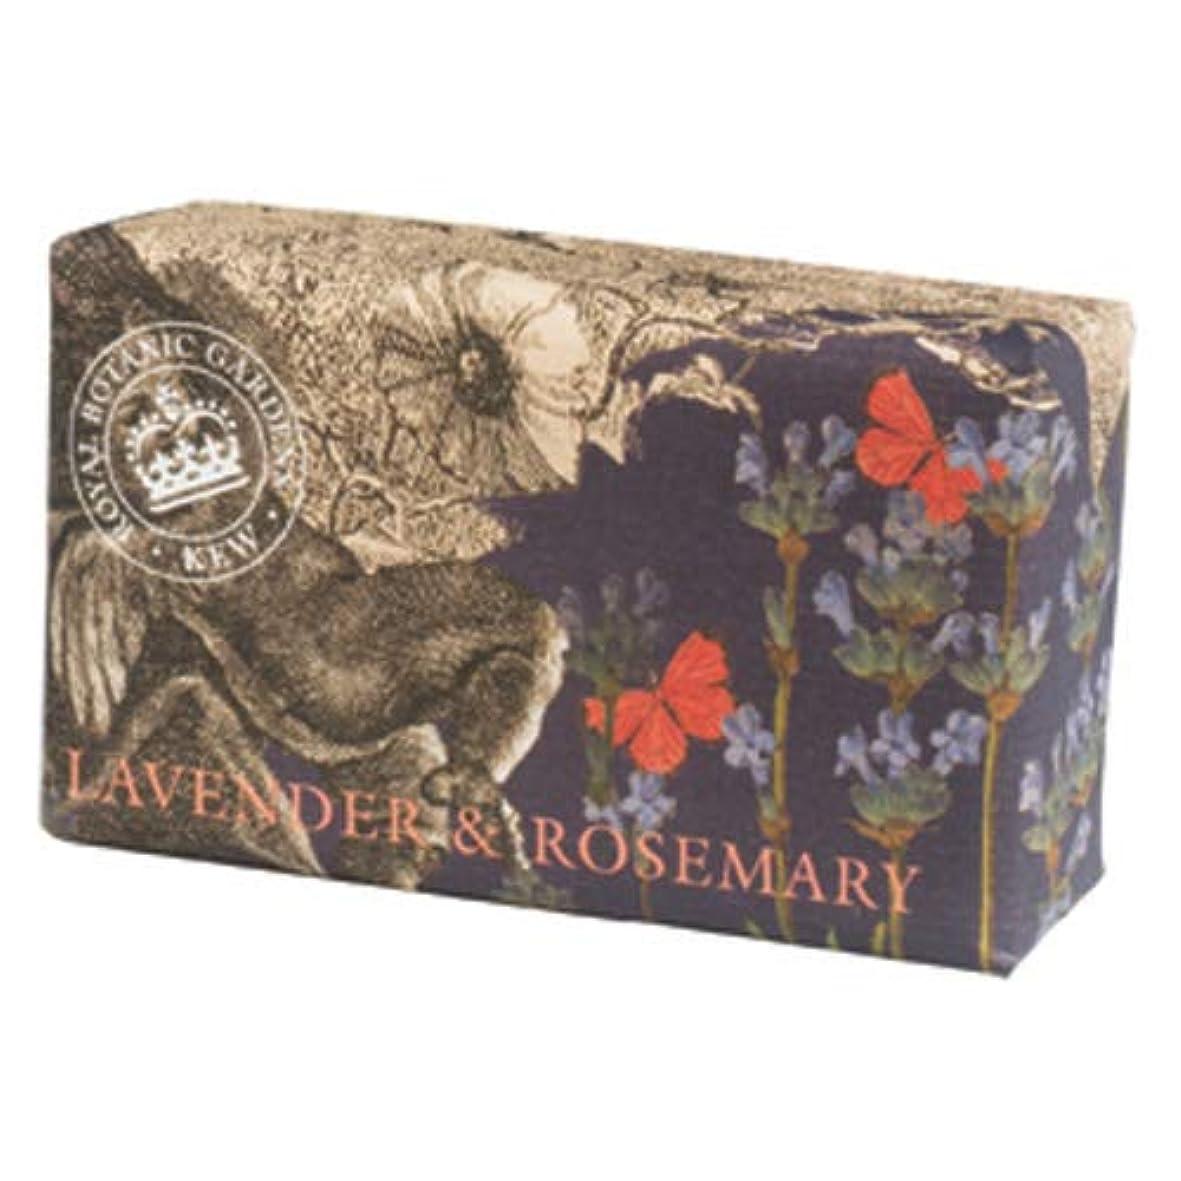 指紋いたずらな徴収English Soap Company イングリッシュソープカンパニー KEW GARDEN キュー?ガーデン Luxury Shea Soaps シアソープ Lavender & Rosemary ラベンダー&ローズマリー